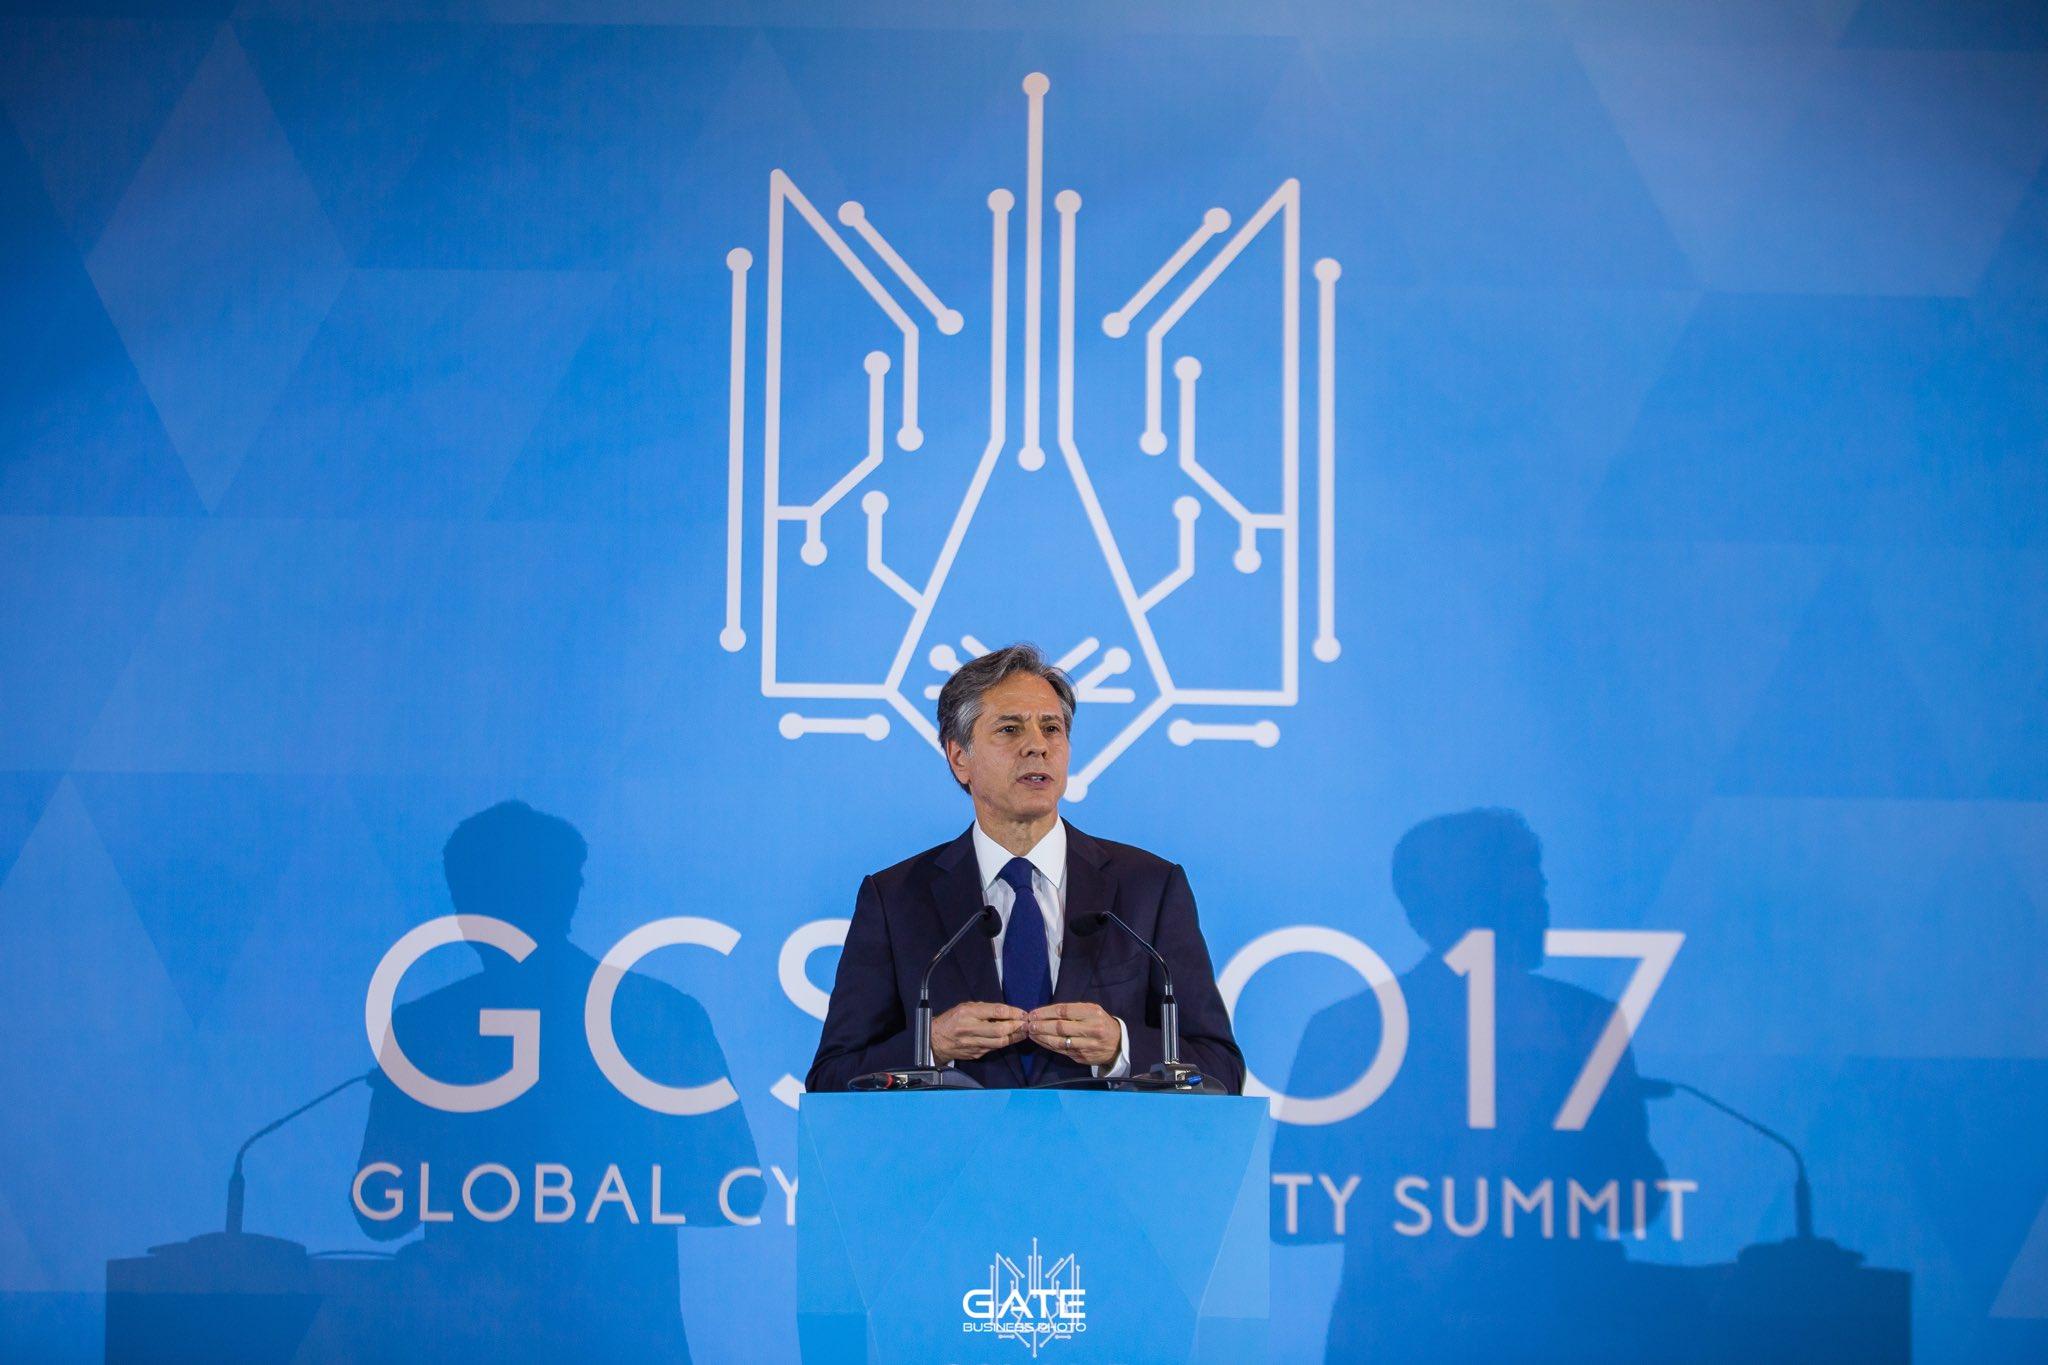 Der aus Ungarn stammende Antony Blinken soll neuer US-Außenminister werden